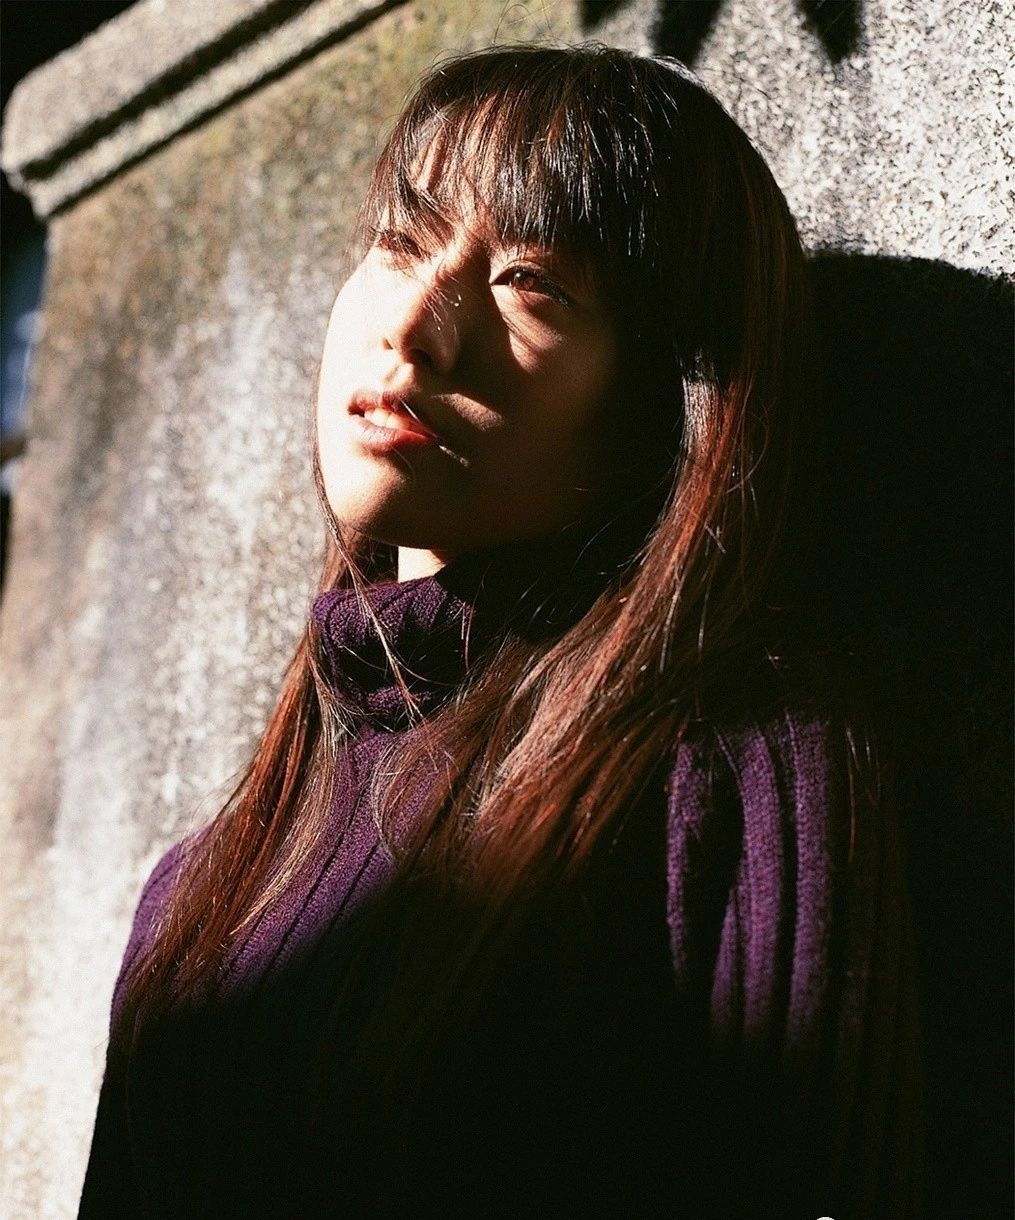 美的不可方物少女时代的户田惠梨香写真作品 (48)